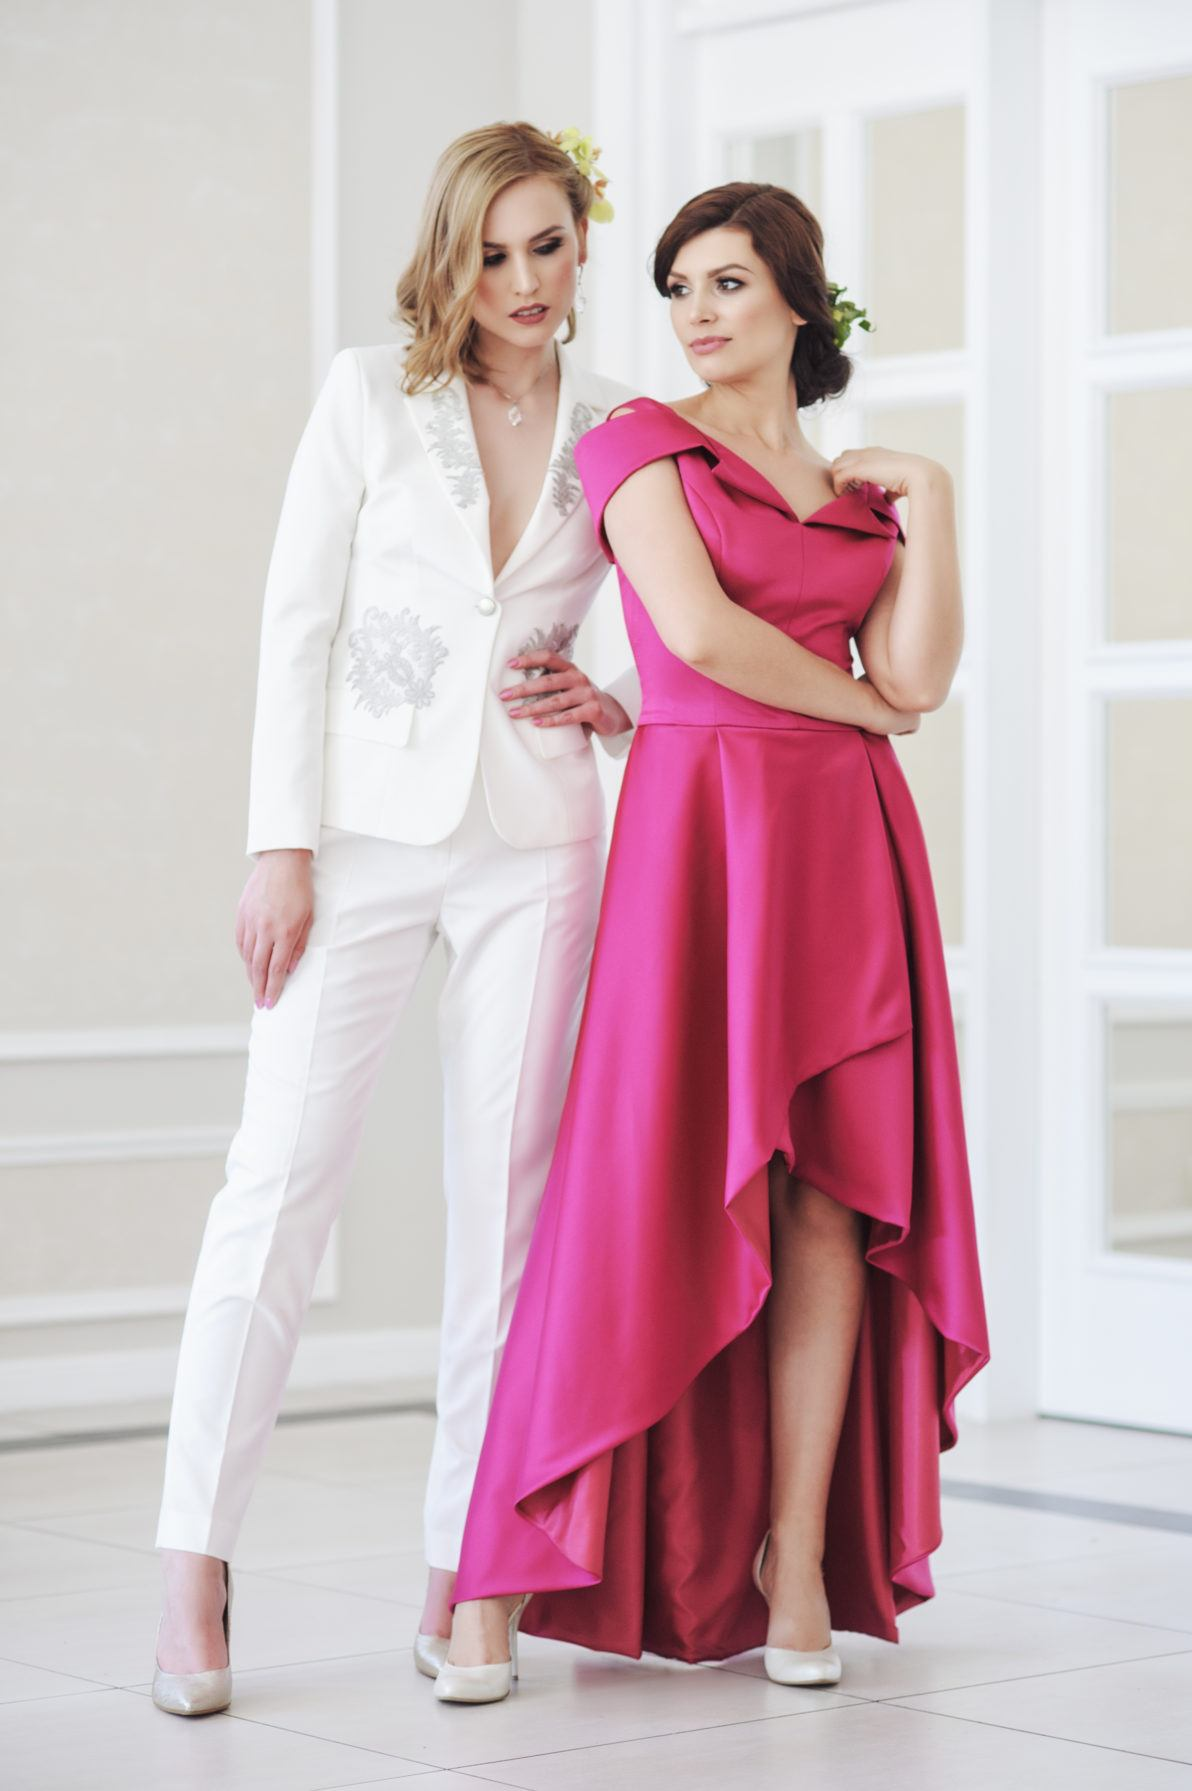 klasyczna biała marynarka i suknia rozkloszowana